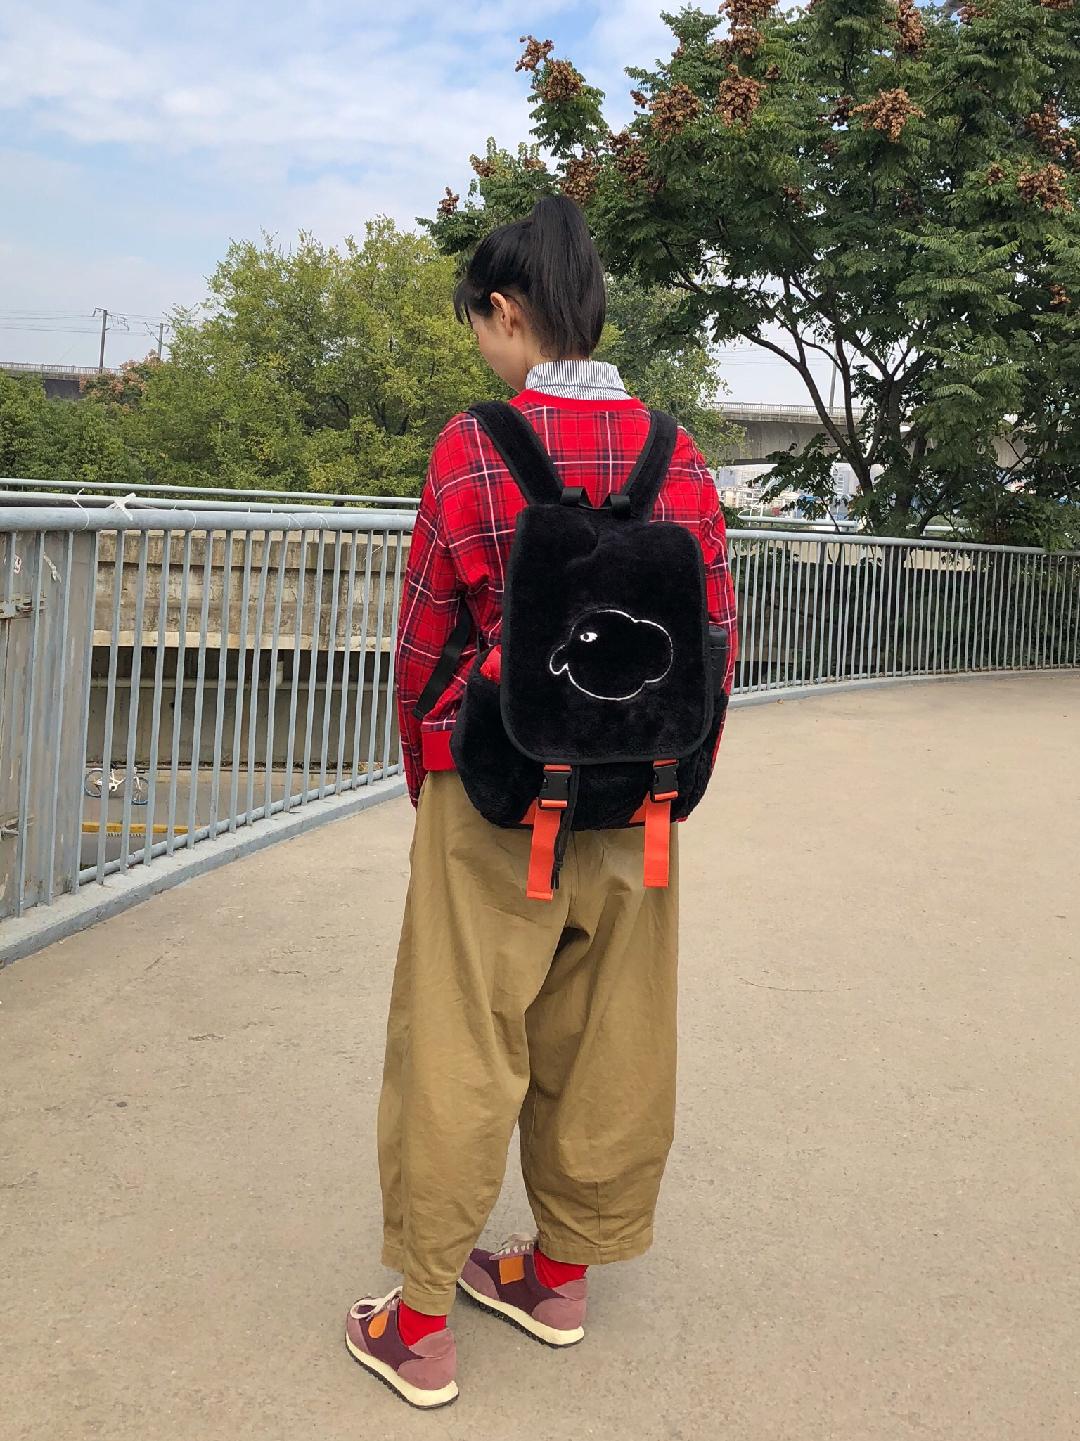 Vol.133 红格子卫衣超级显白 试衣间试了之后就决定拿下了 可复古可童趣可休闲 今天搭配了一条阔腿裤 和拼色拼接运动鞋就是很舒服的一套啦~#丢掉黑白灰,来一剂撞色调味#